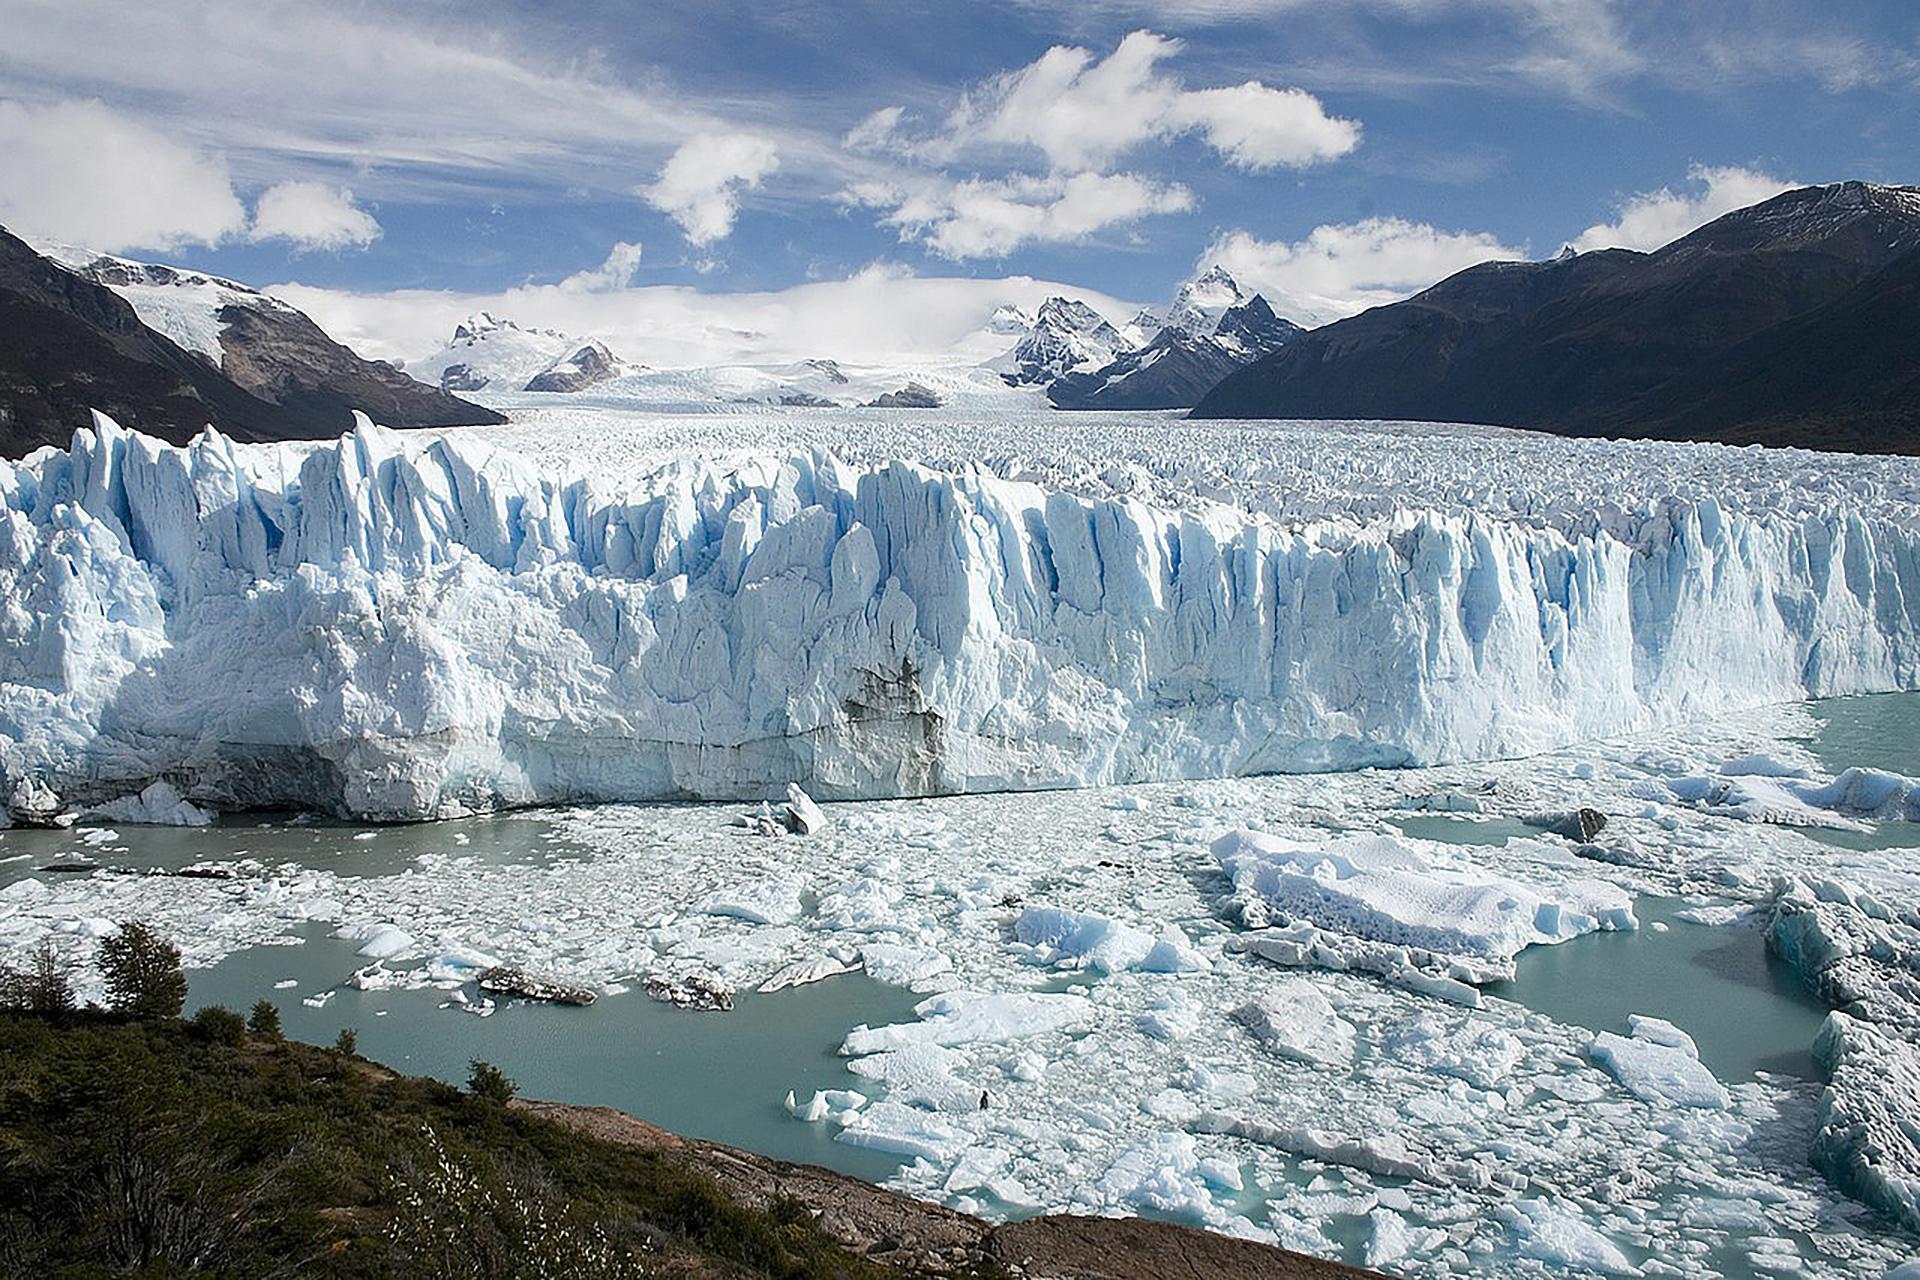 El parque nacional de los glaciares es una de las joyas naturales más importantes del sur (Wikipedia)